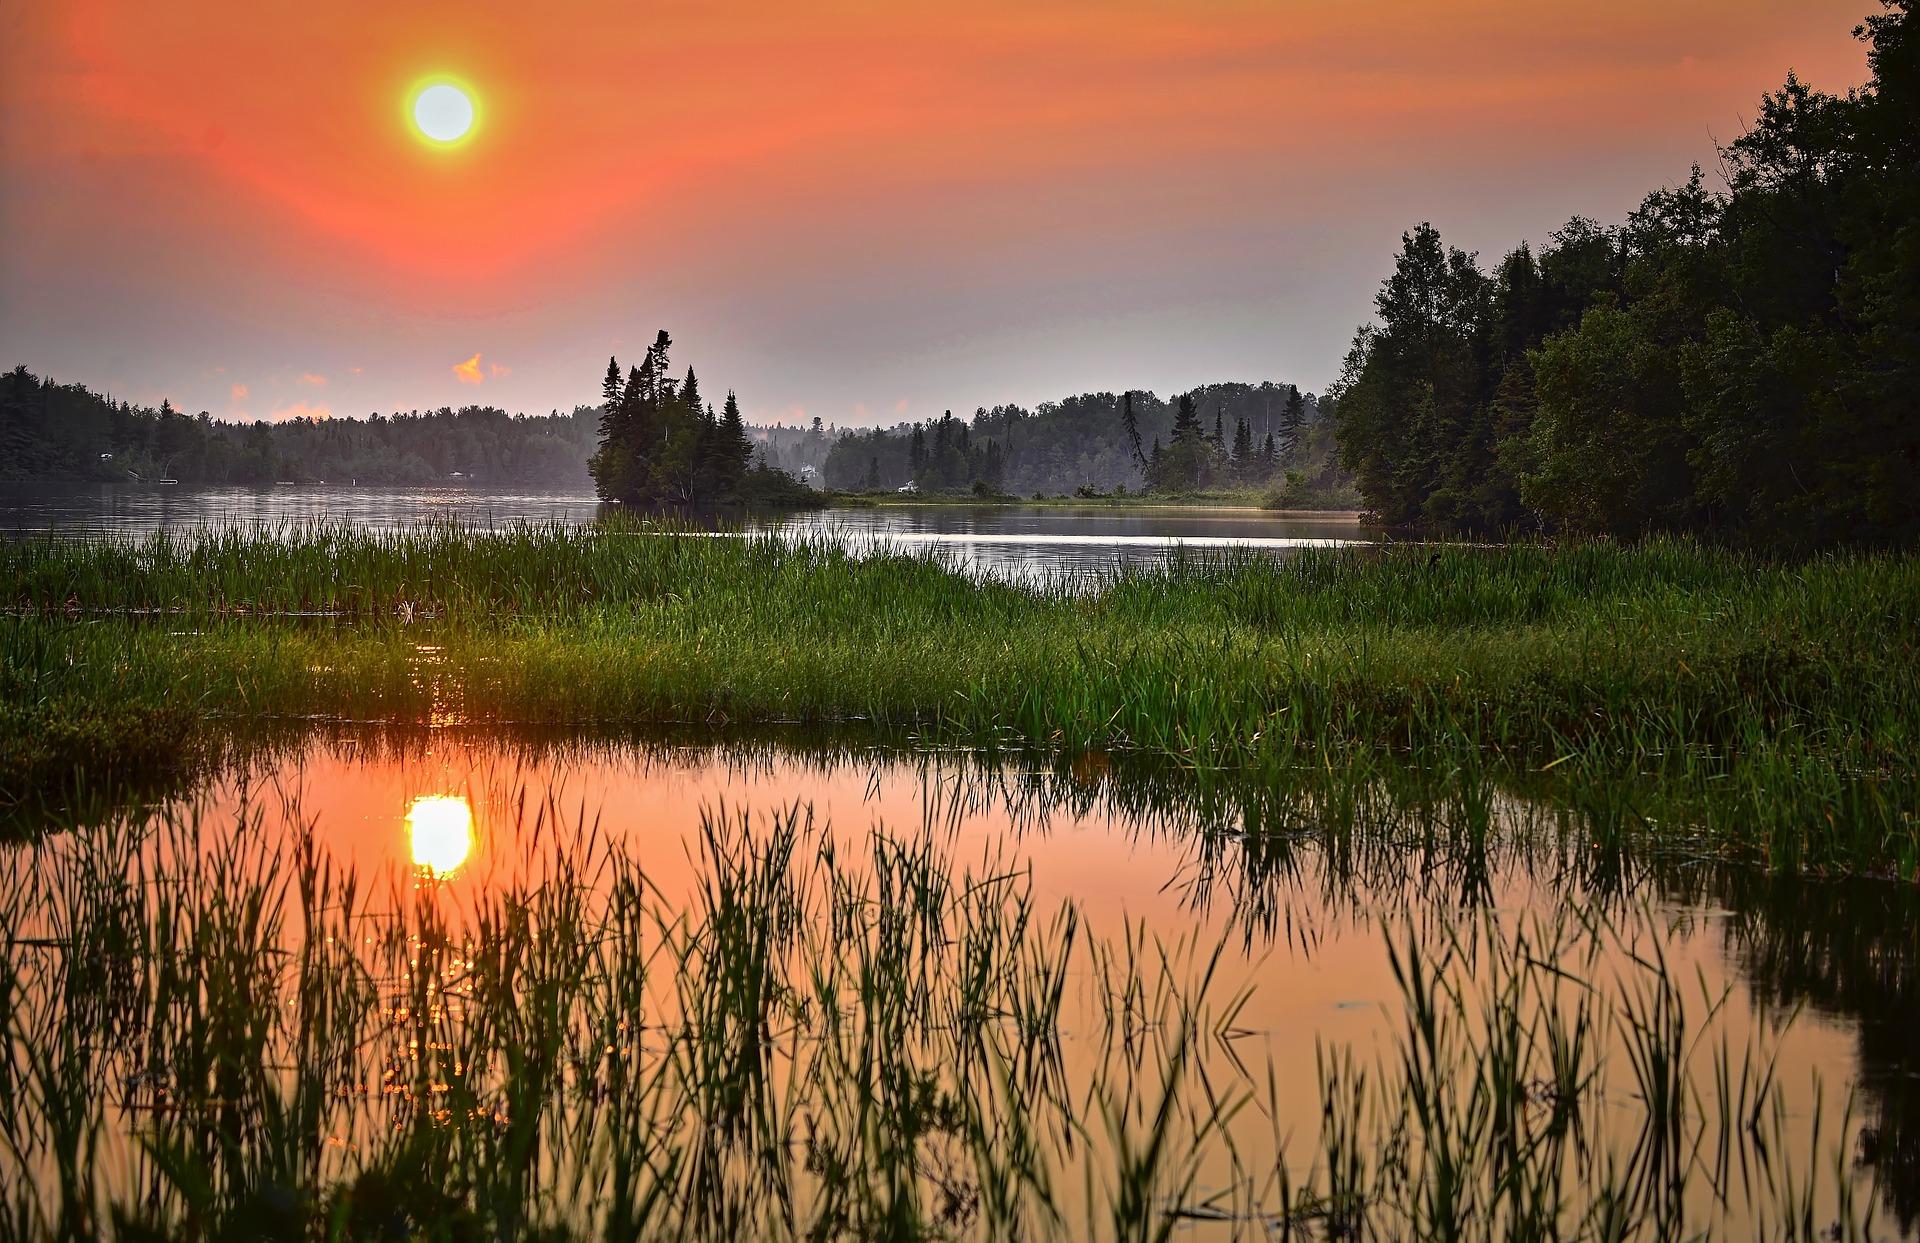 Jeziora wchodzą w skład obwodów rybackich, które Regionalne Zarządy Gospodarki Wodnej w drodze konkursu dzierżawią podmiotom uprawnionym do prowadzenia gospodarki rybackiej (fot.pixabay)